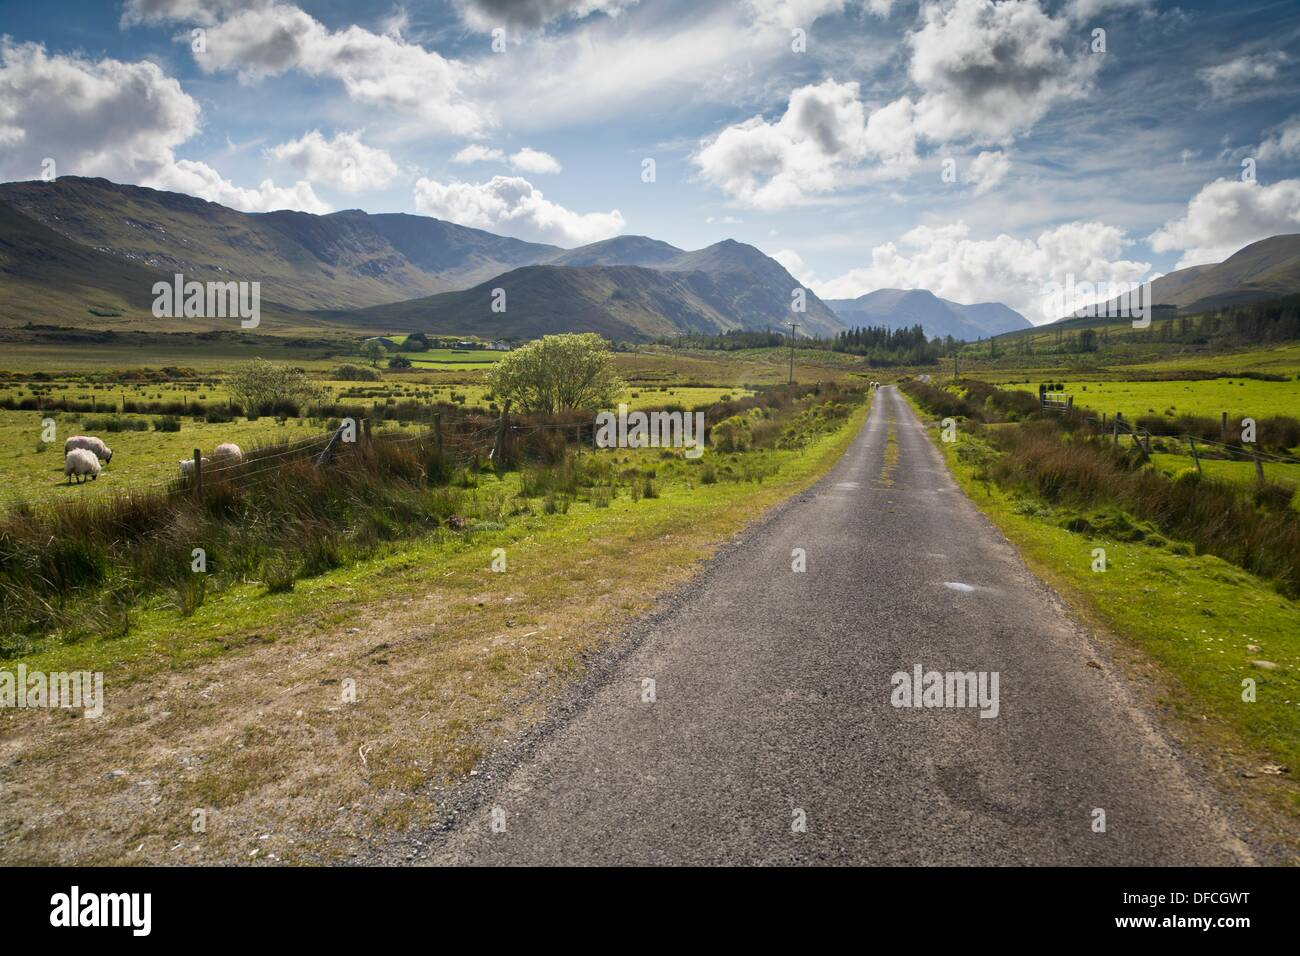 Narrow road in Connemara, County Mayo, Ireland, Europe - Stock Image